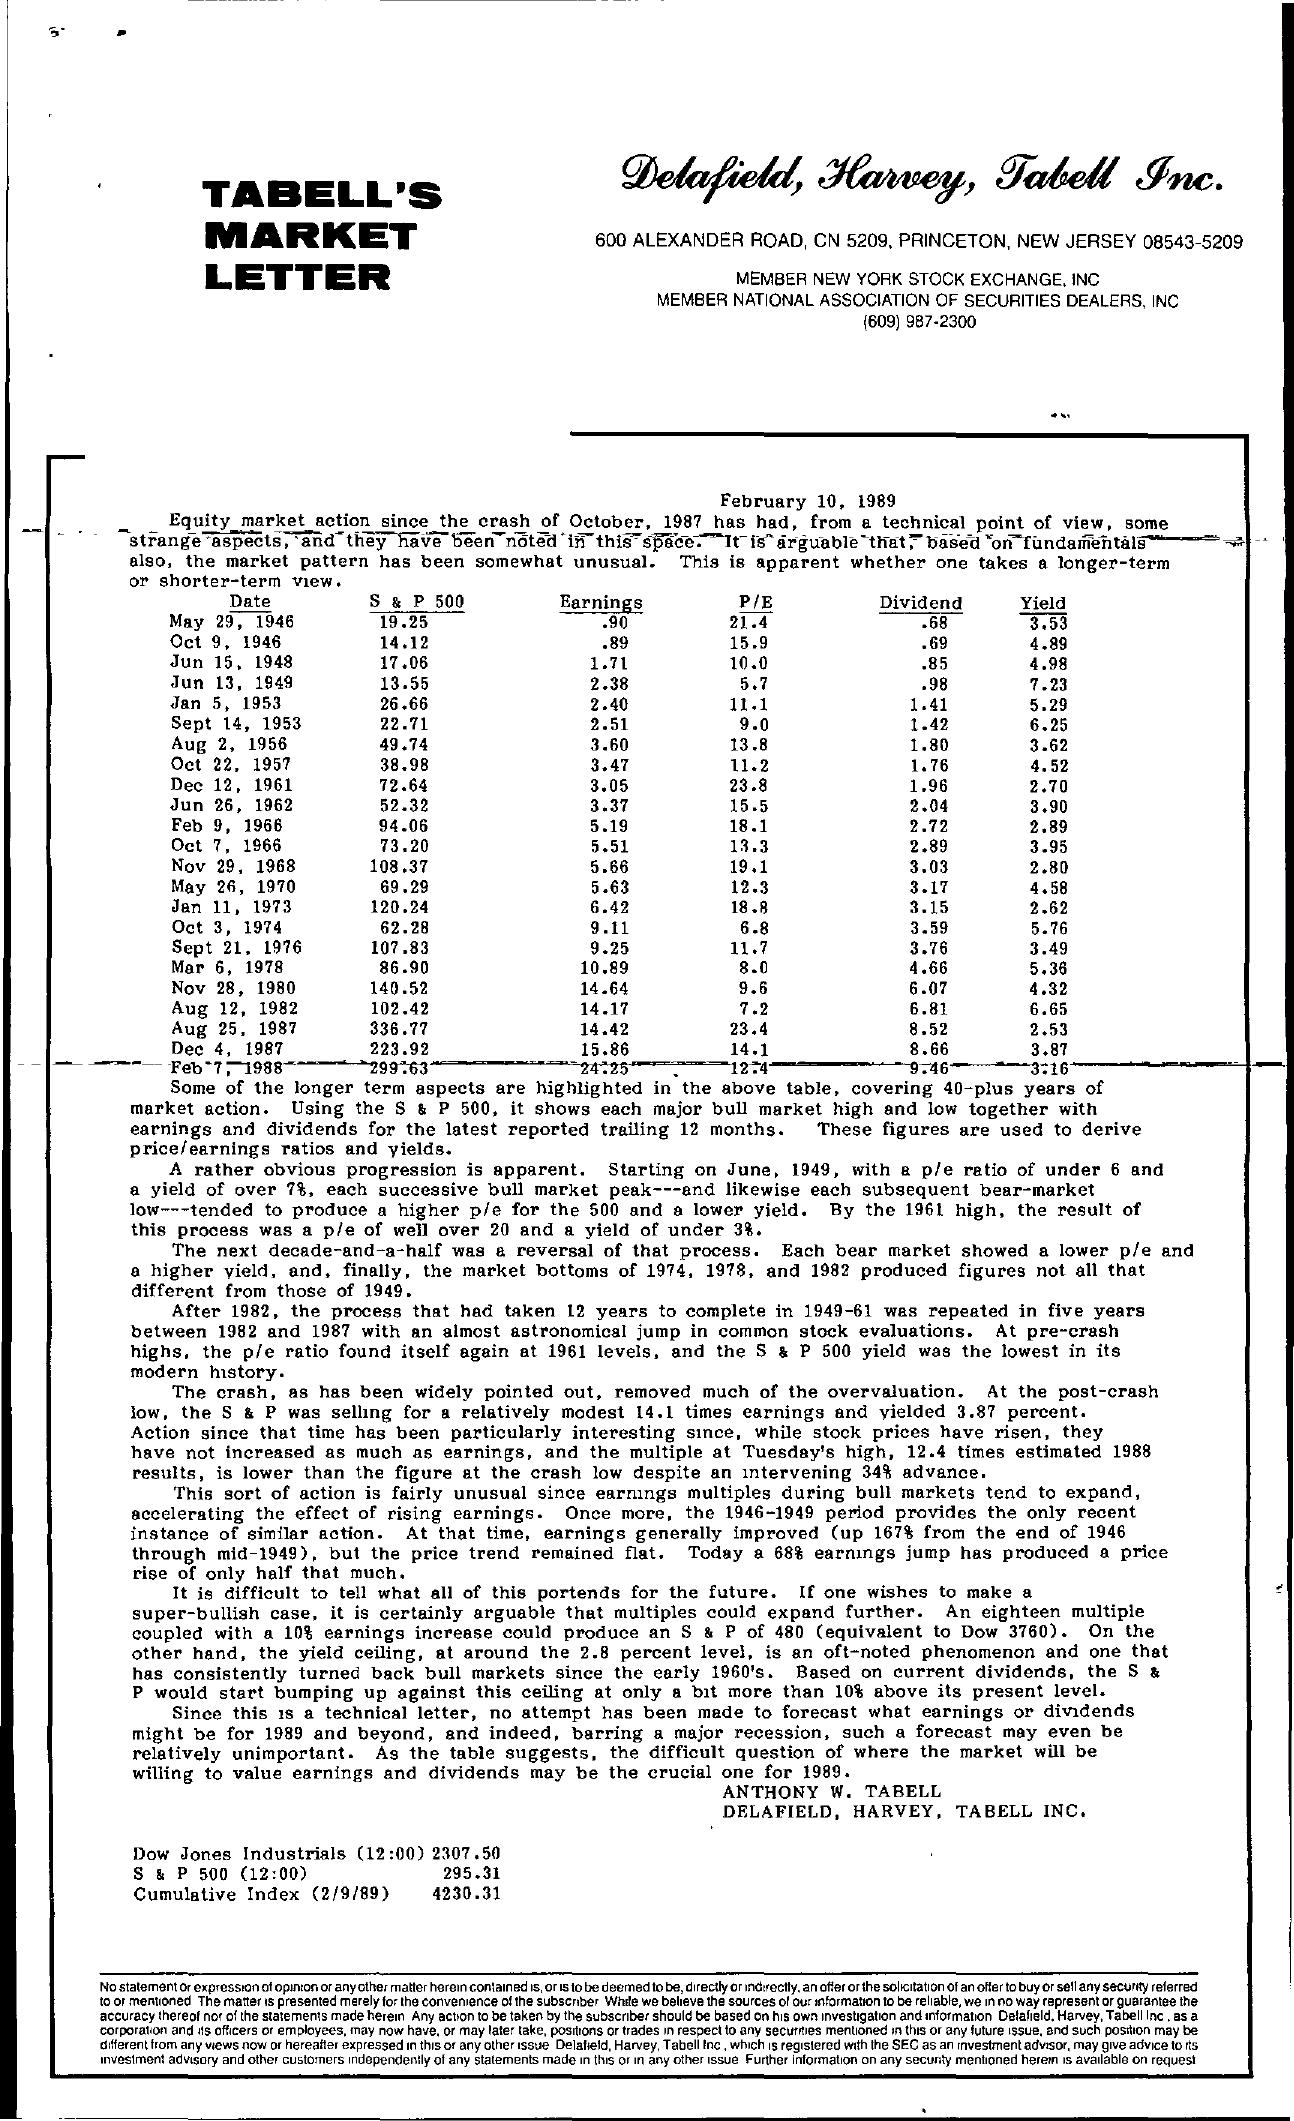 Tabell's Market Letter - February 10, 1989